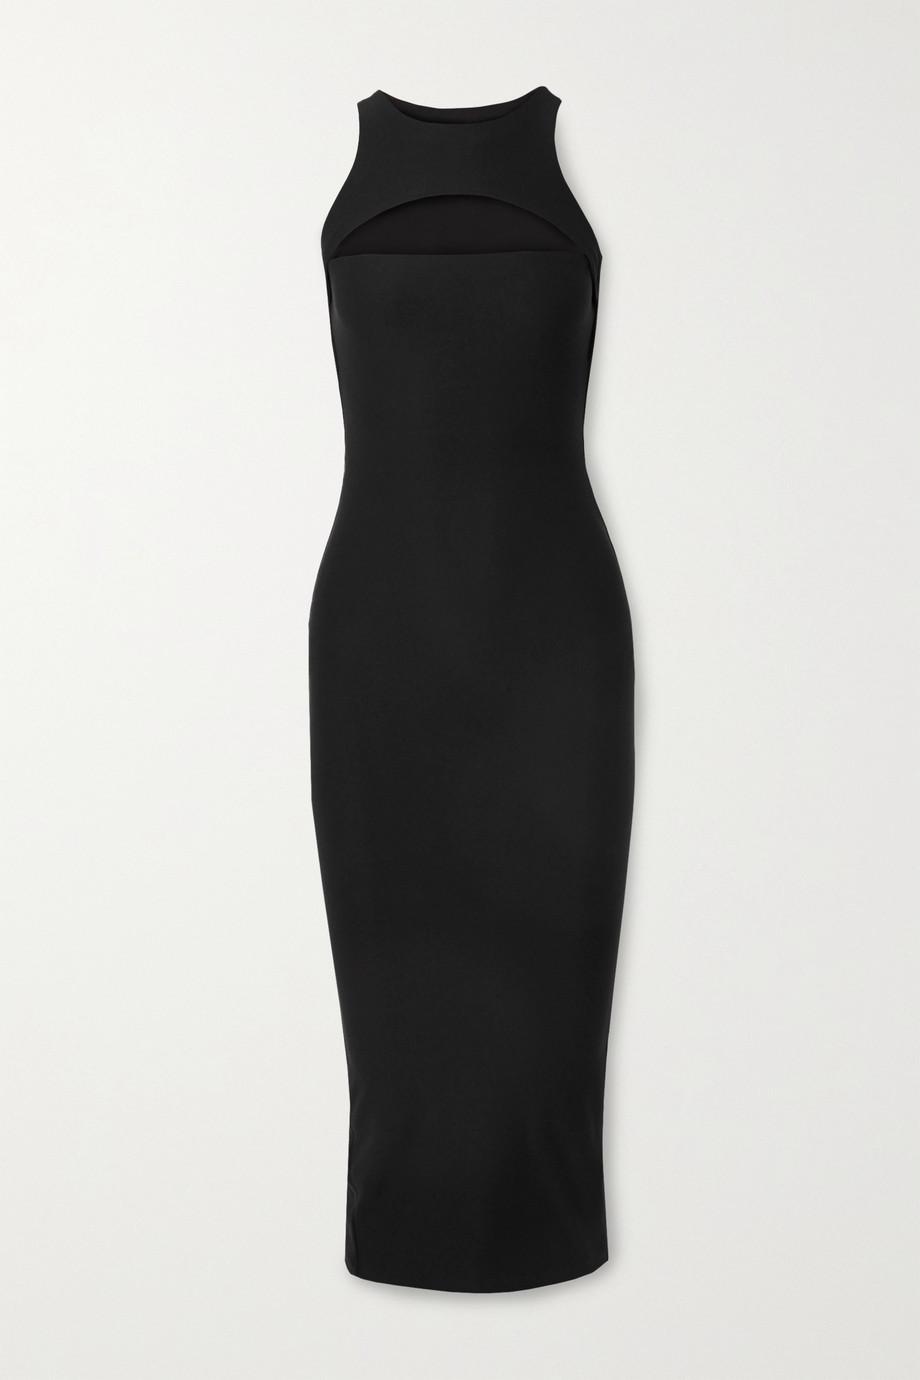 Alix NYC Nostrand cutout stretch-jersey midi dress